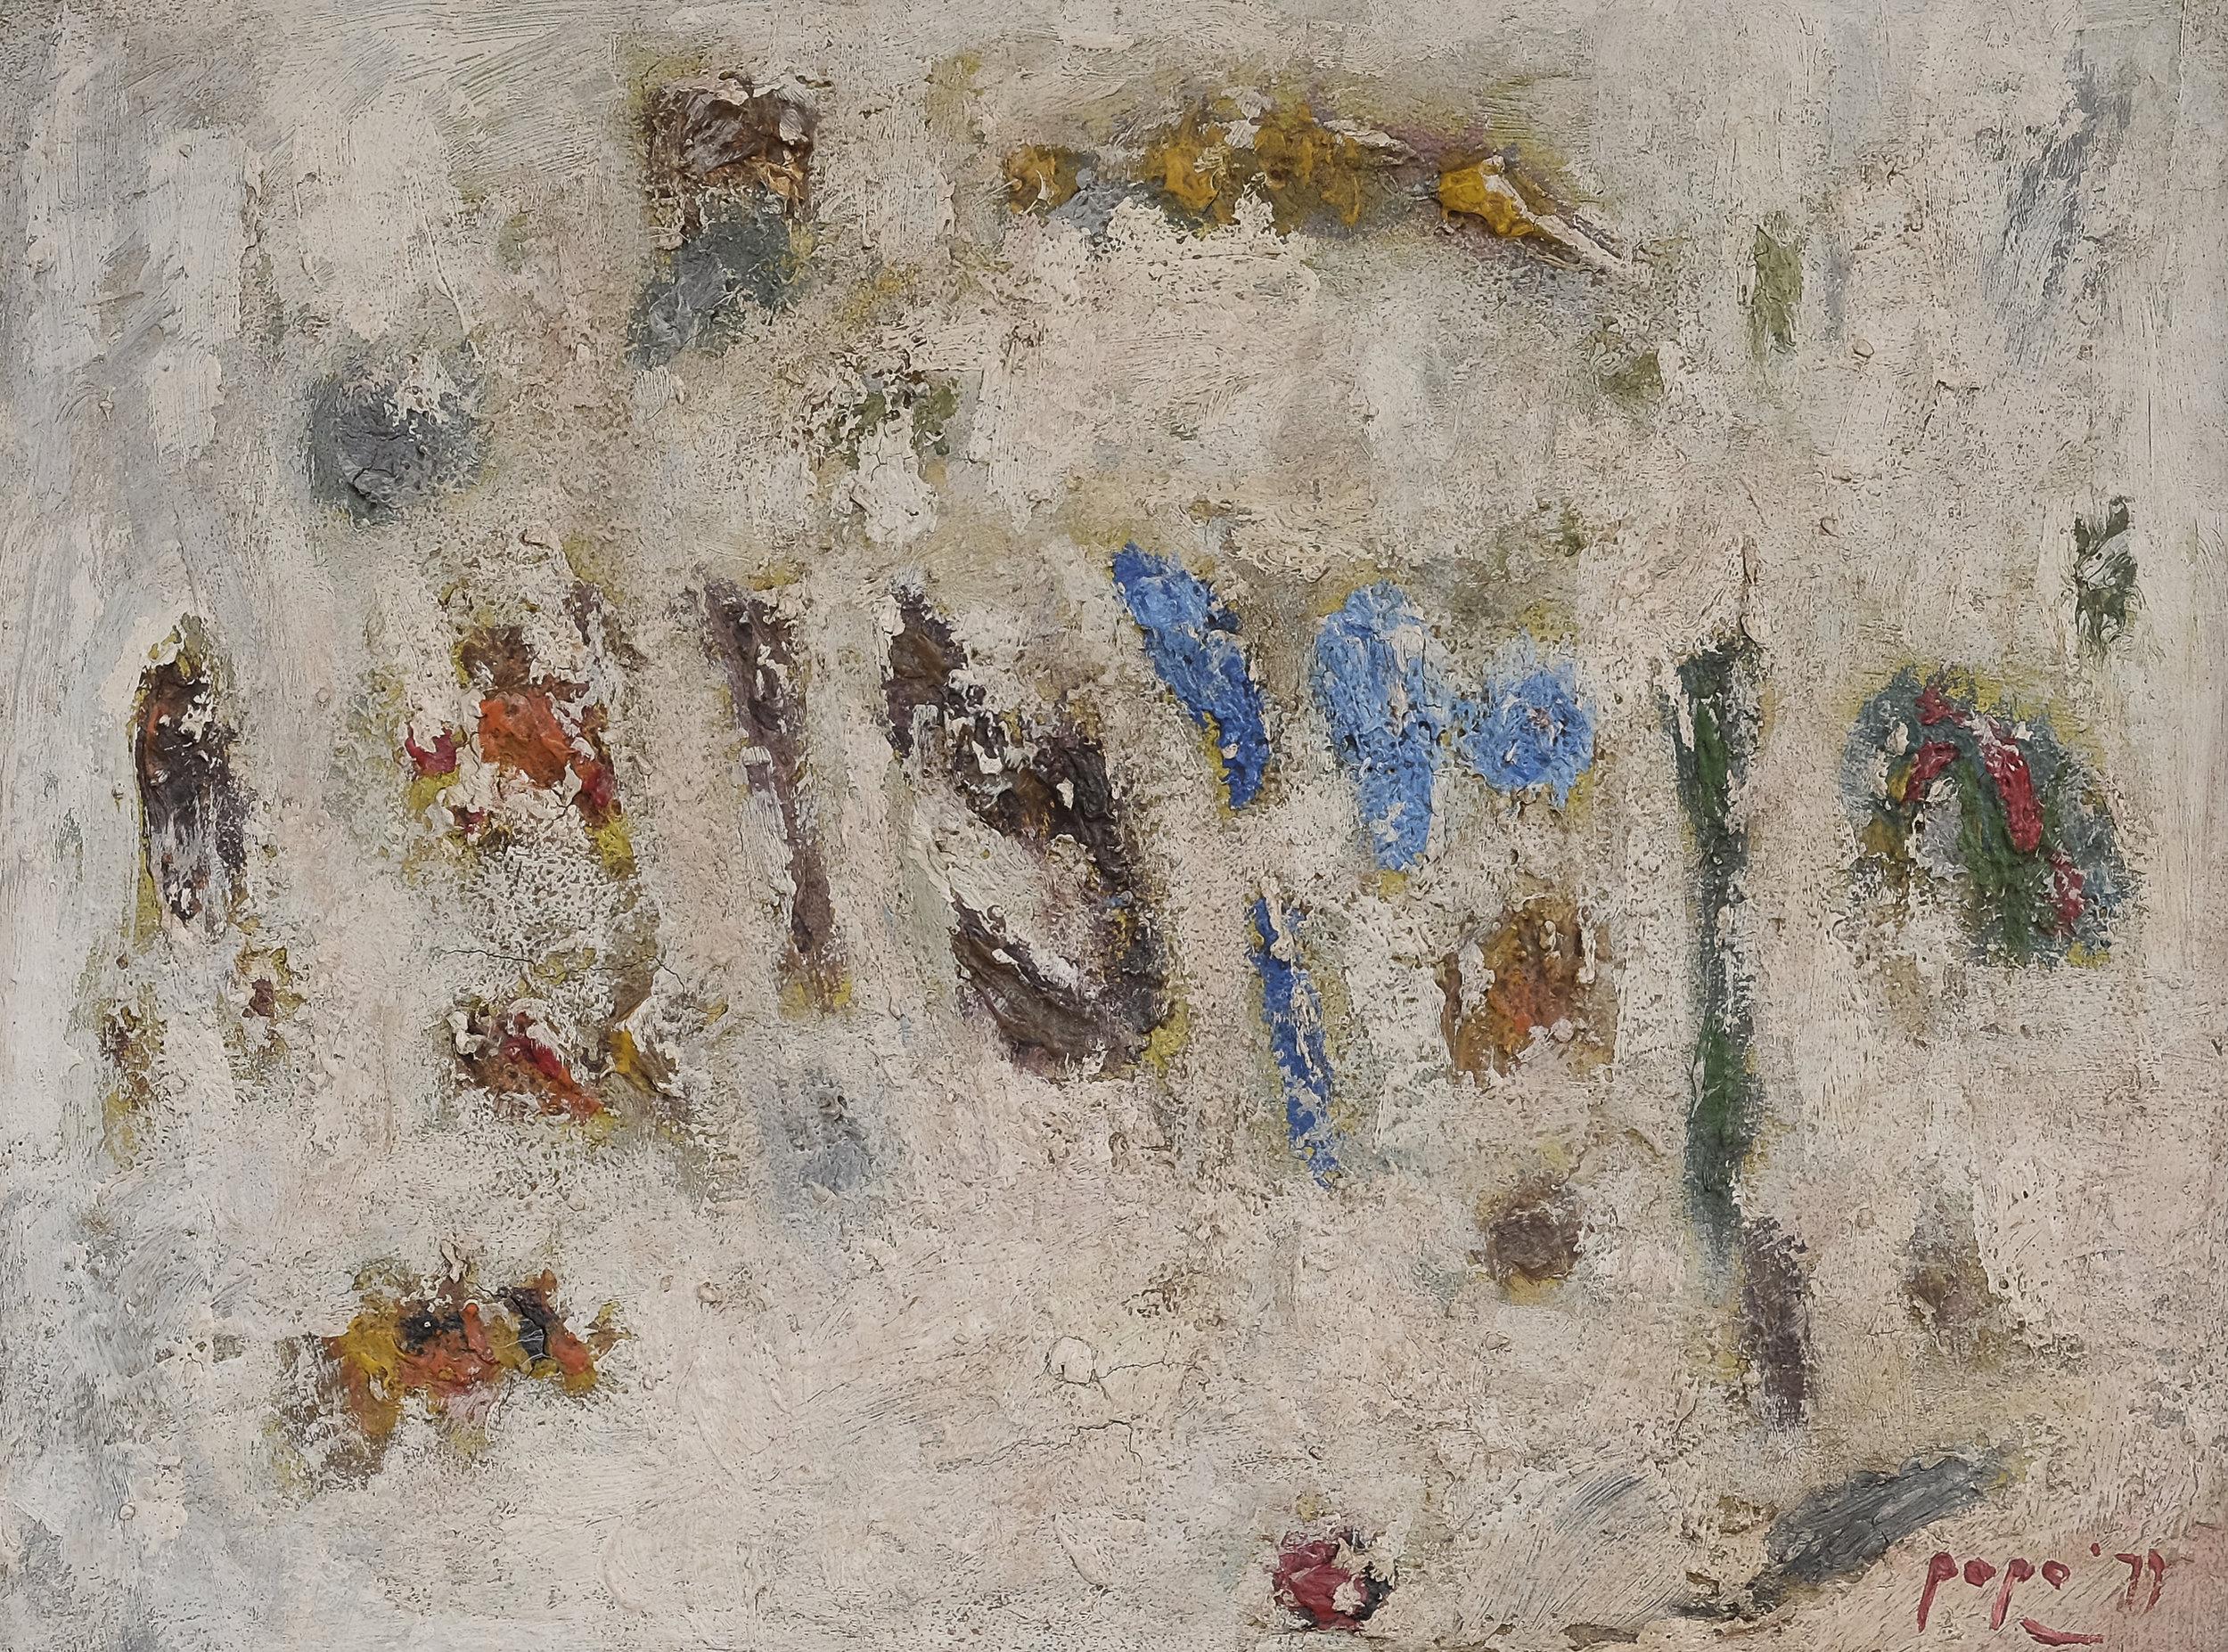 Popo Iskandar, Abstract, oil on canvas, 30 x 40 cm, 1979